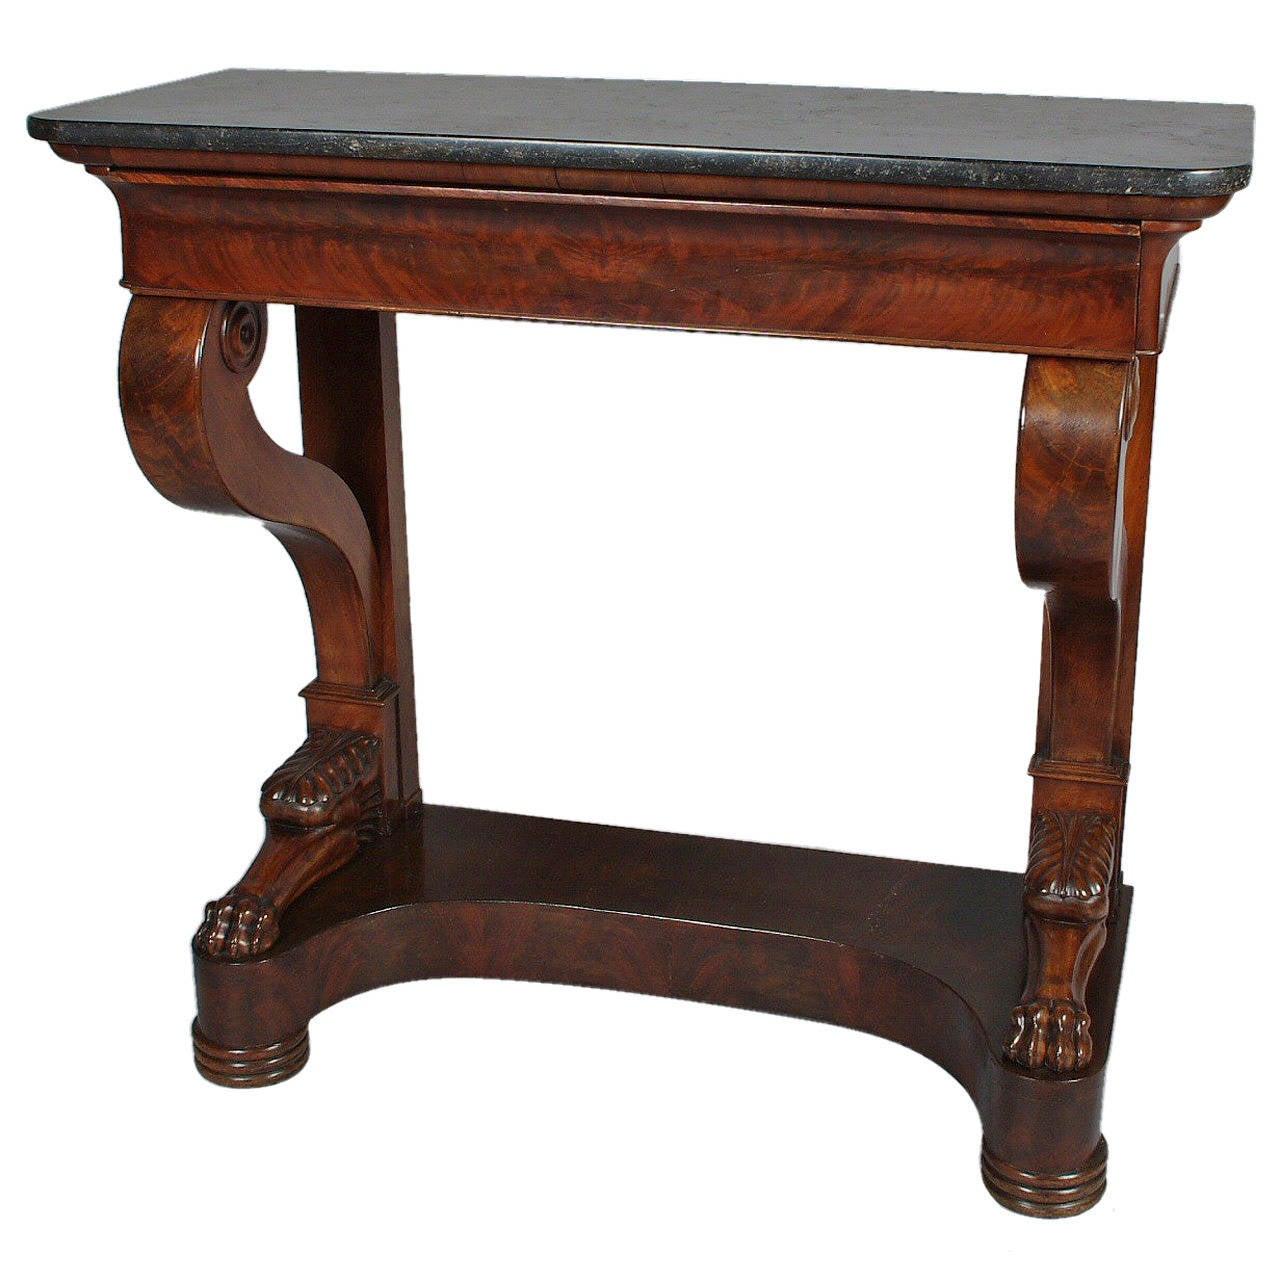 Charles x mahogany console table at 1stdibs charles x mahogany console table 1 geotapseo Gallery